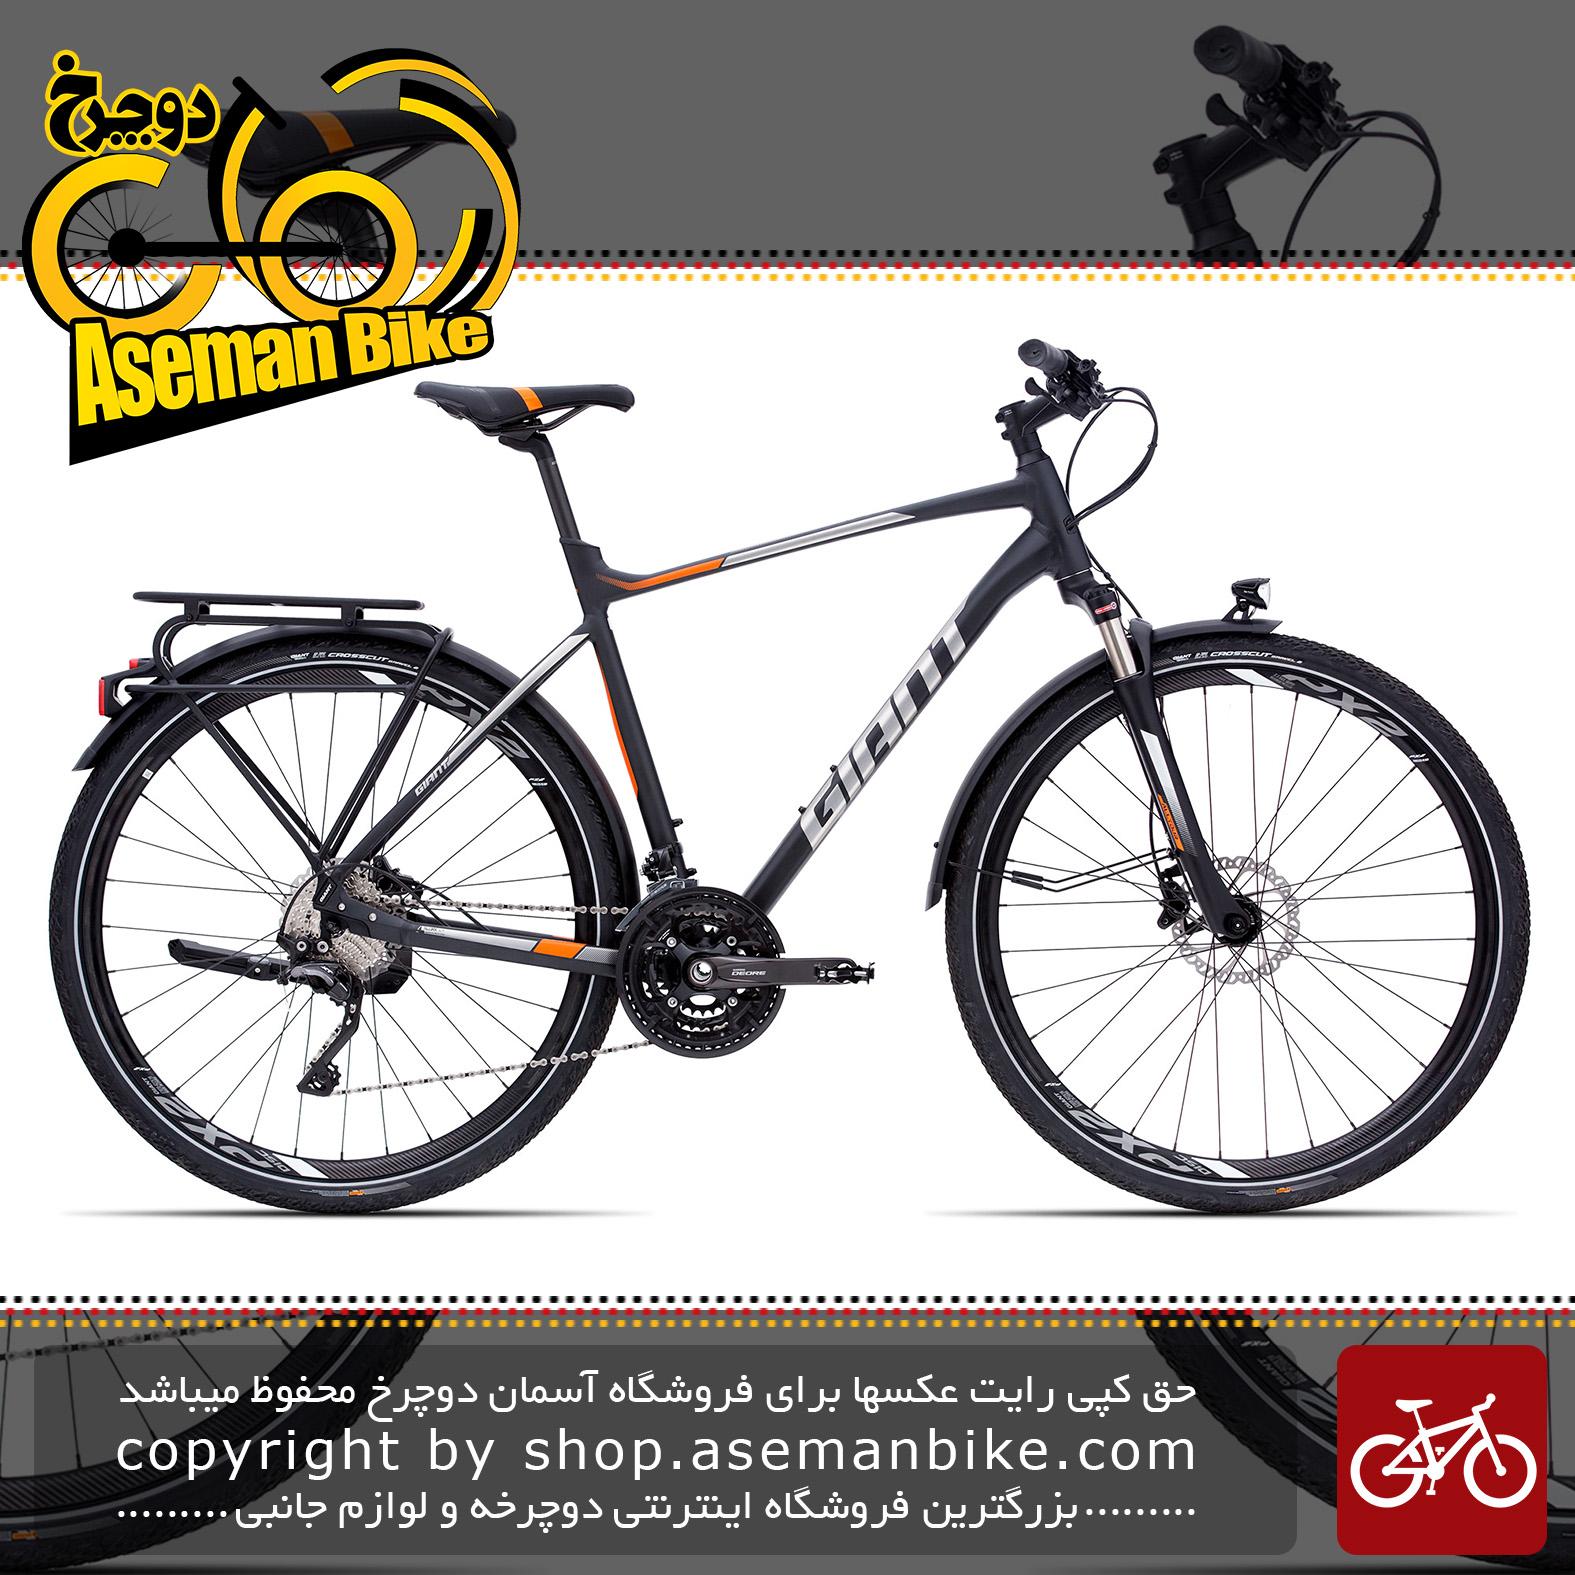 دوچرخه توریستی حرفه ای کربن جاینتGaint AllTour SLR 1